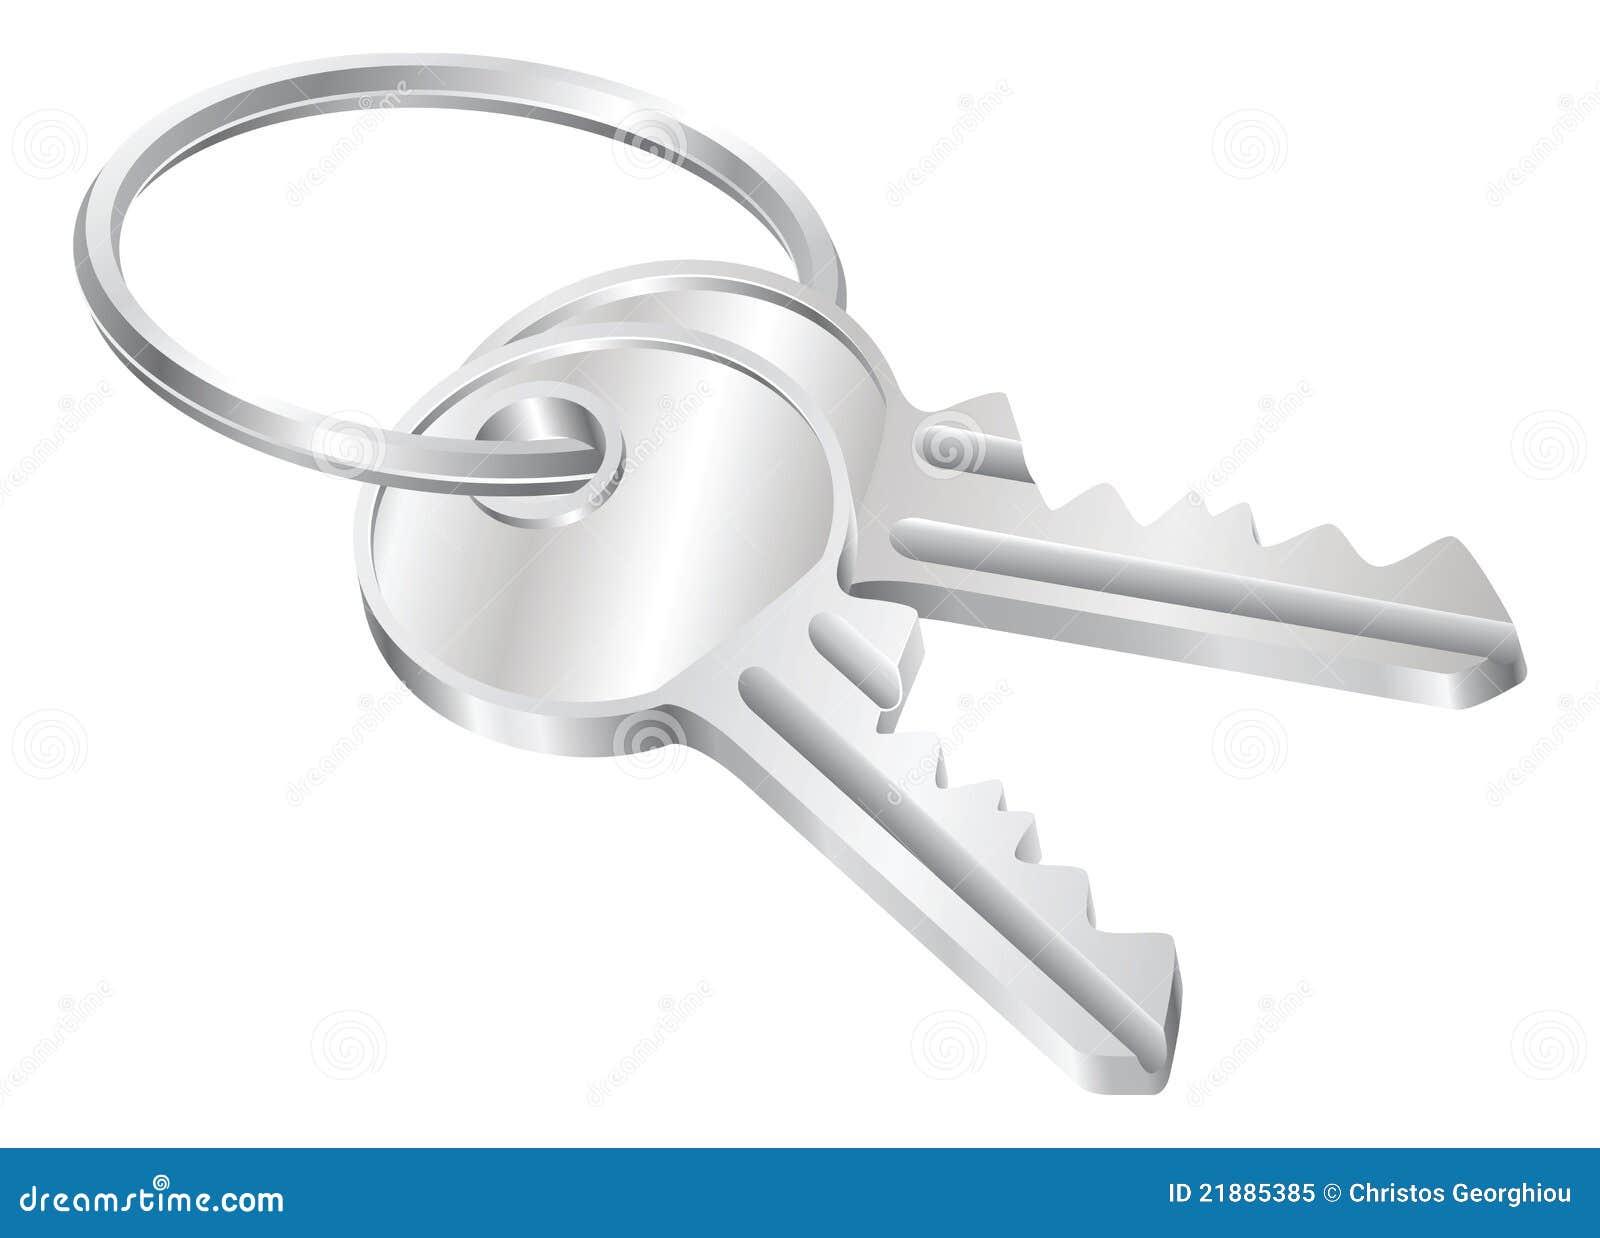 key uvkey